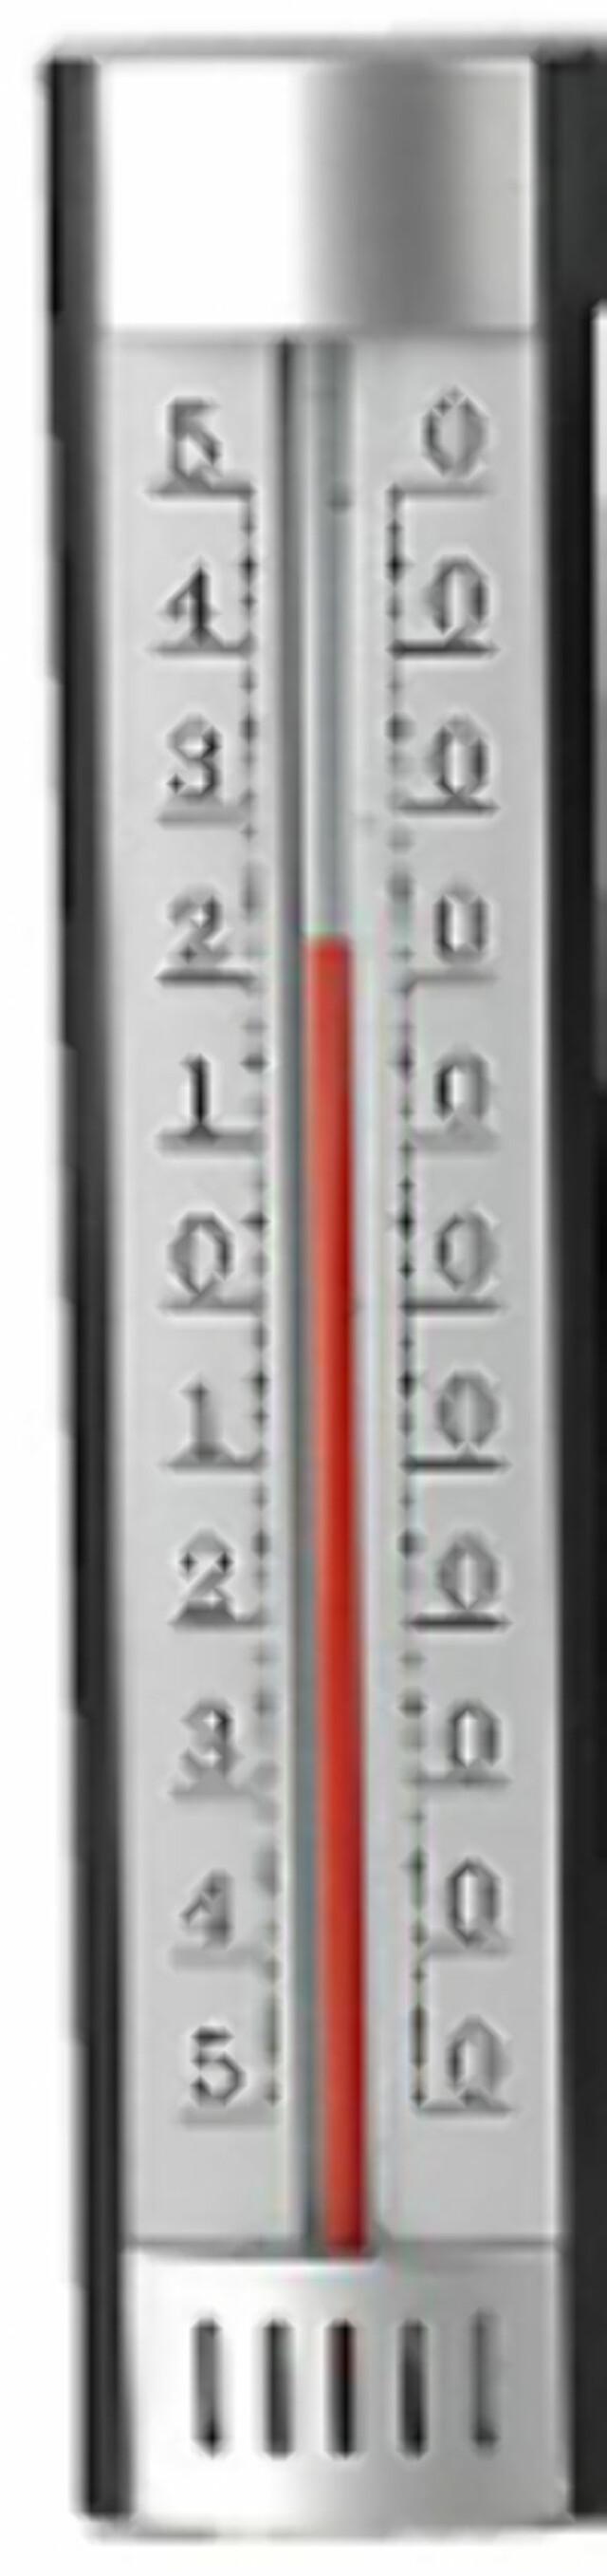 BILLIG-VÆR  Mange vil sikkert klare seg godt med en vanlig termometer til 40 6956fe08996c1